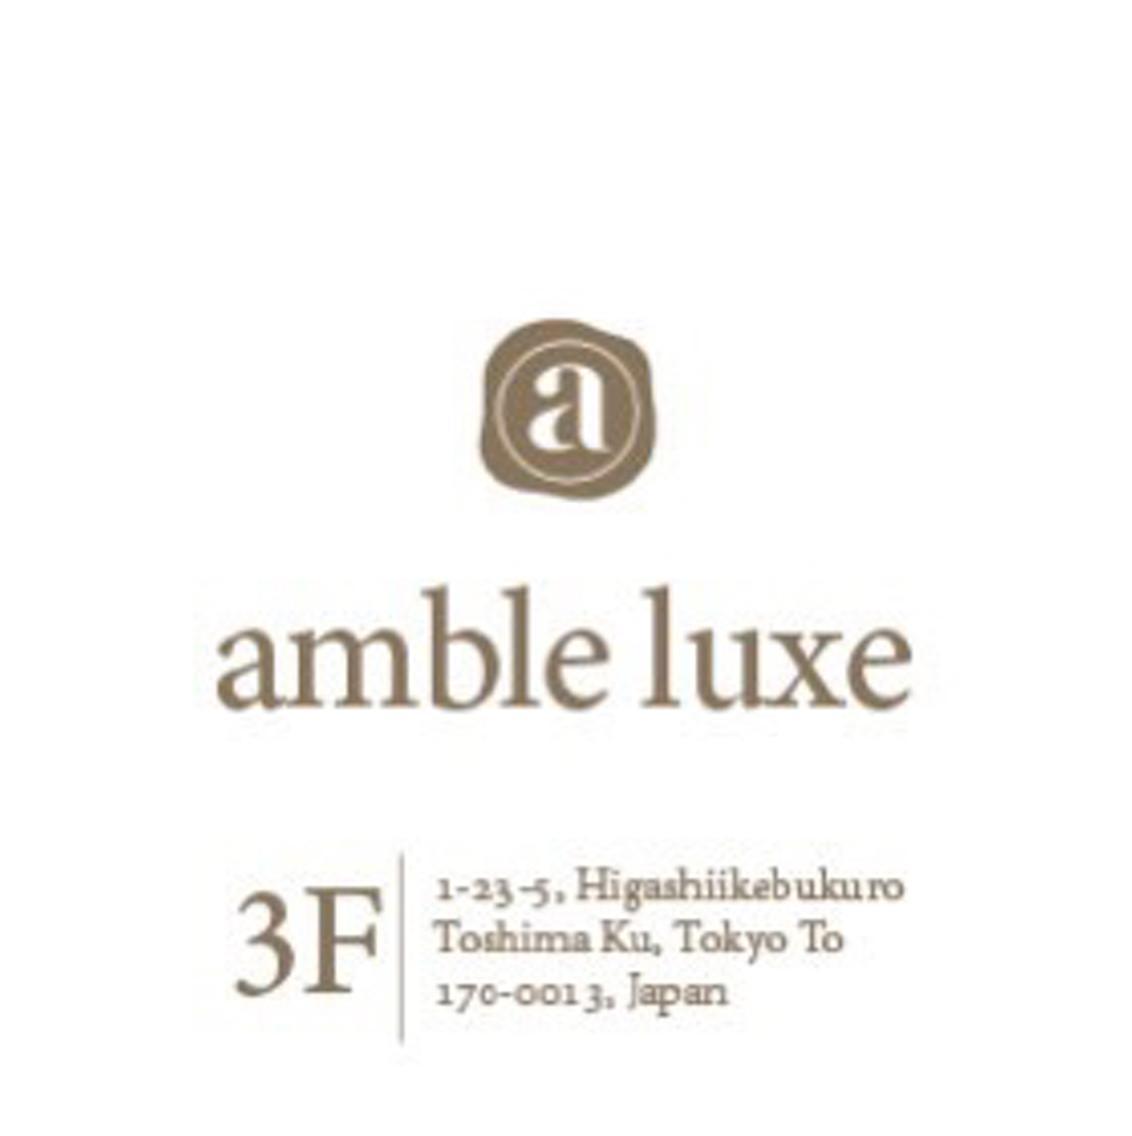 amble luxe所属・🌴amble luxe🌴常田🌈の掲載